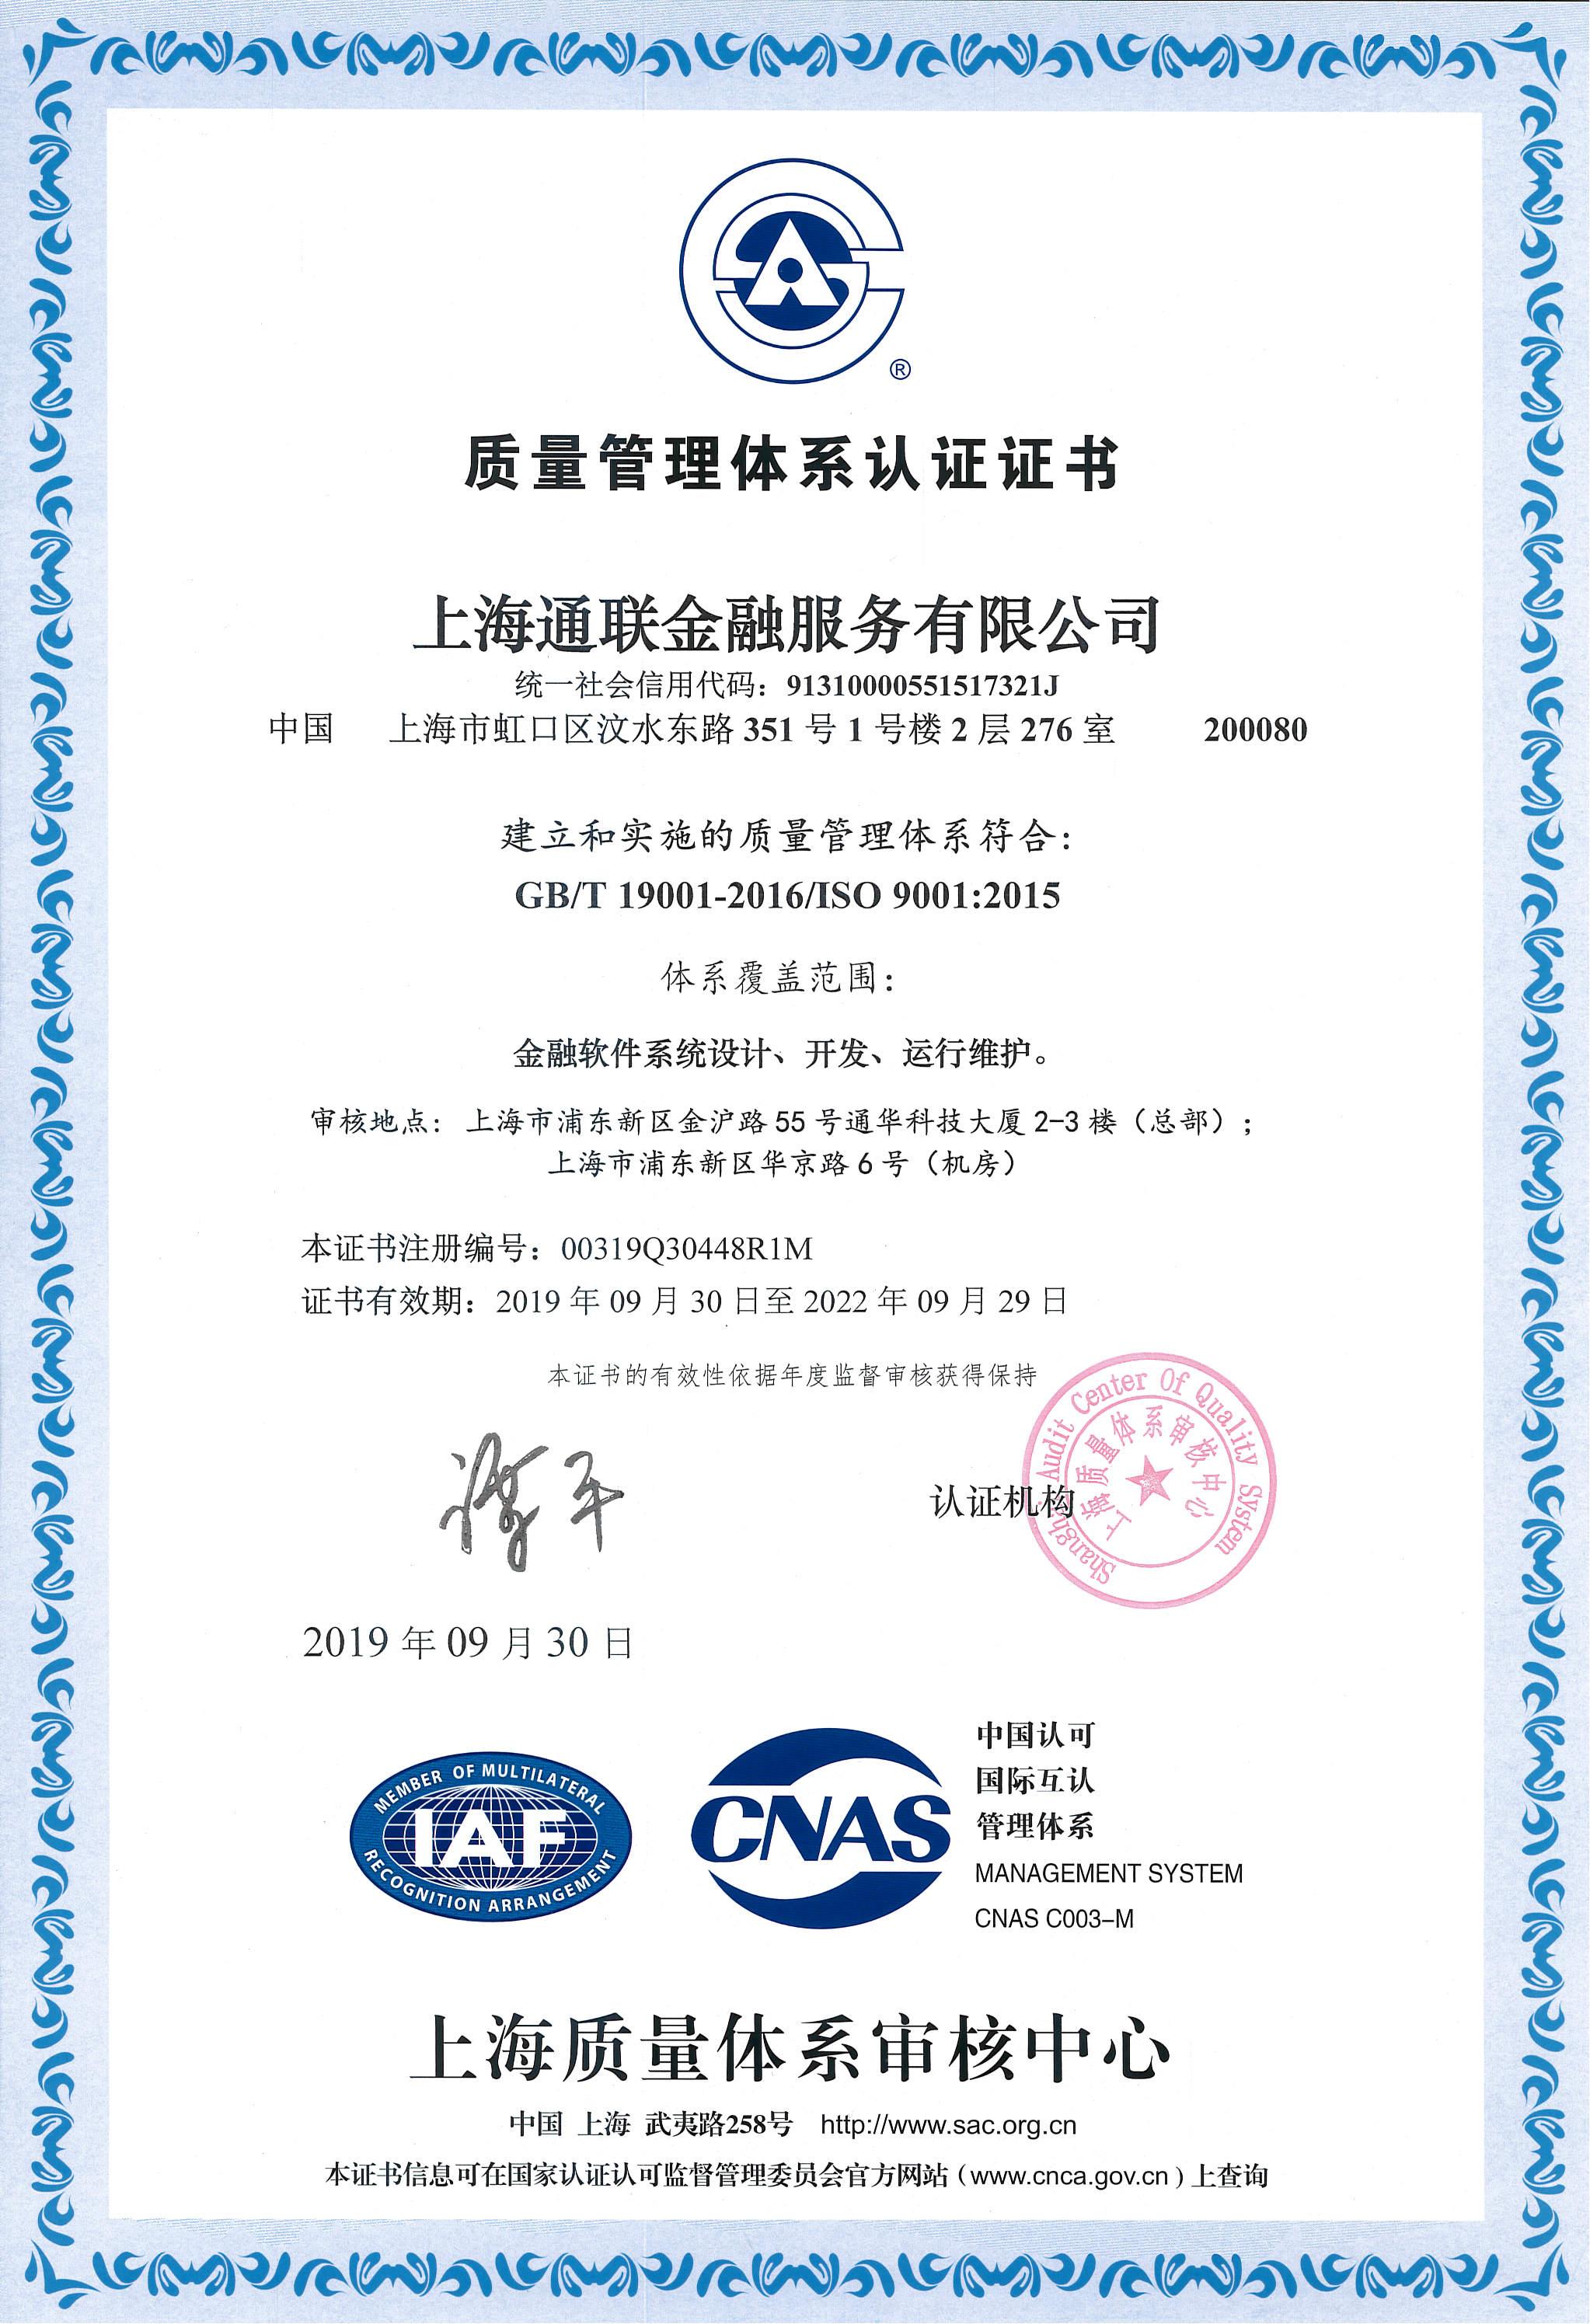 質量管理體系認證證書-中文版2019